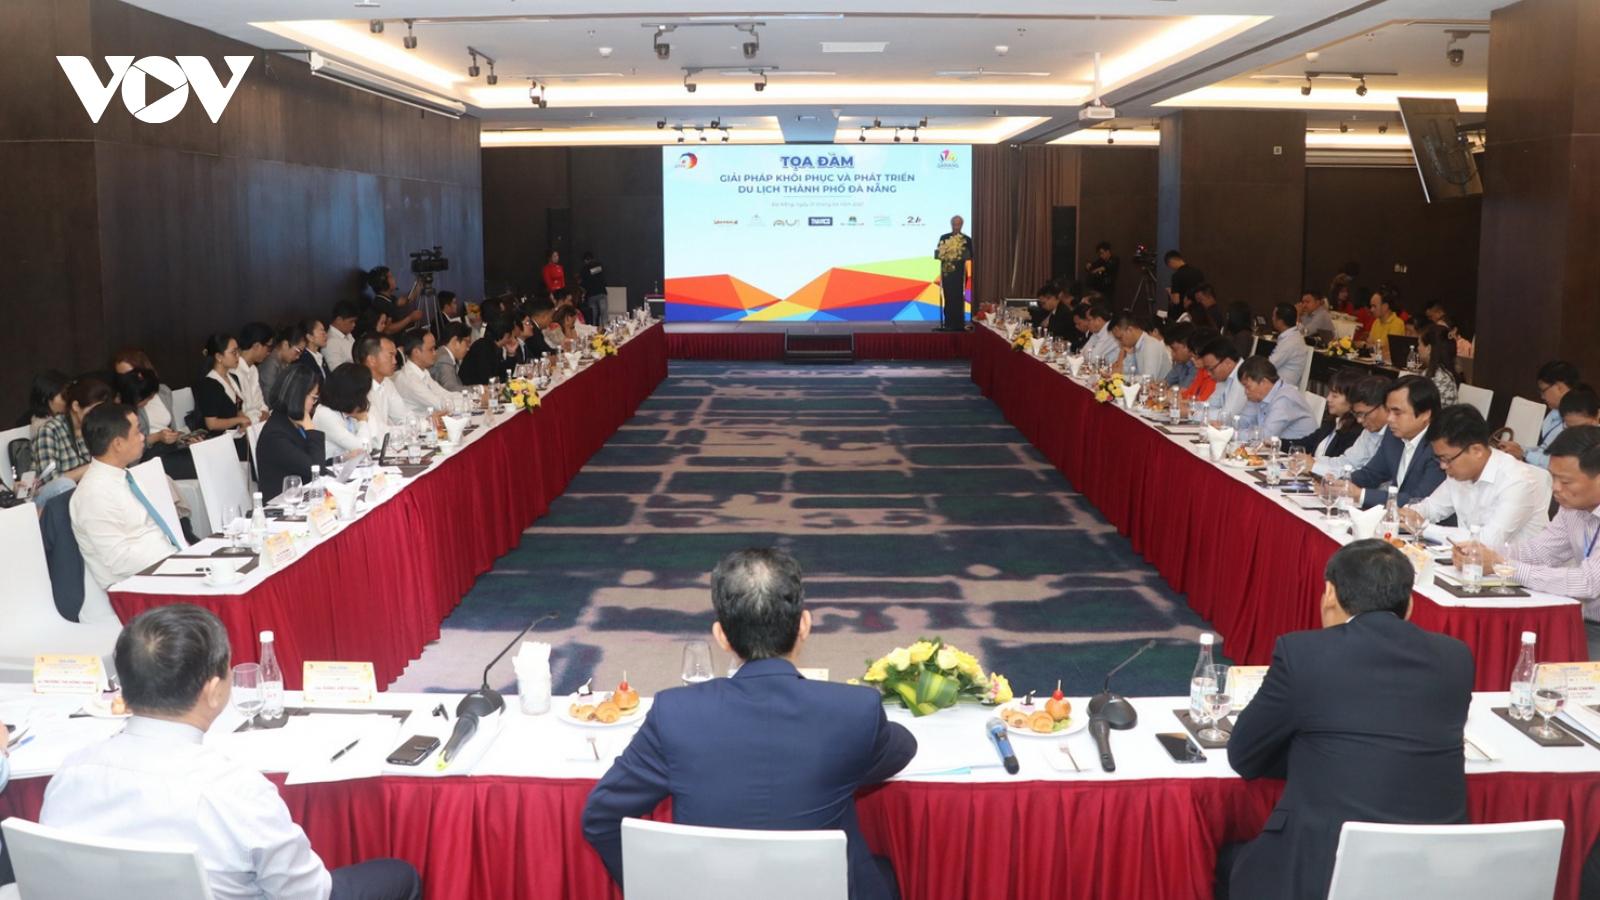 Đà Nẵng đề xuất hỗ trợ doanh nghiệp du lịch tìm hướng đi mới